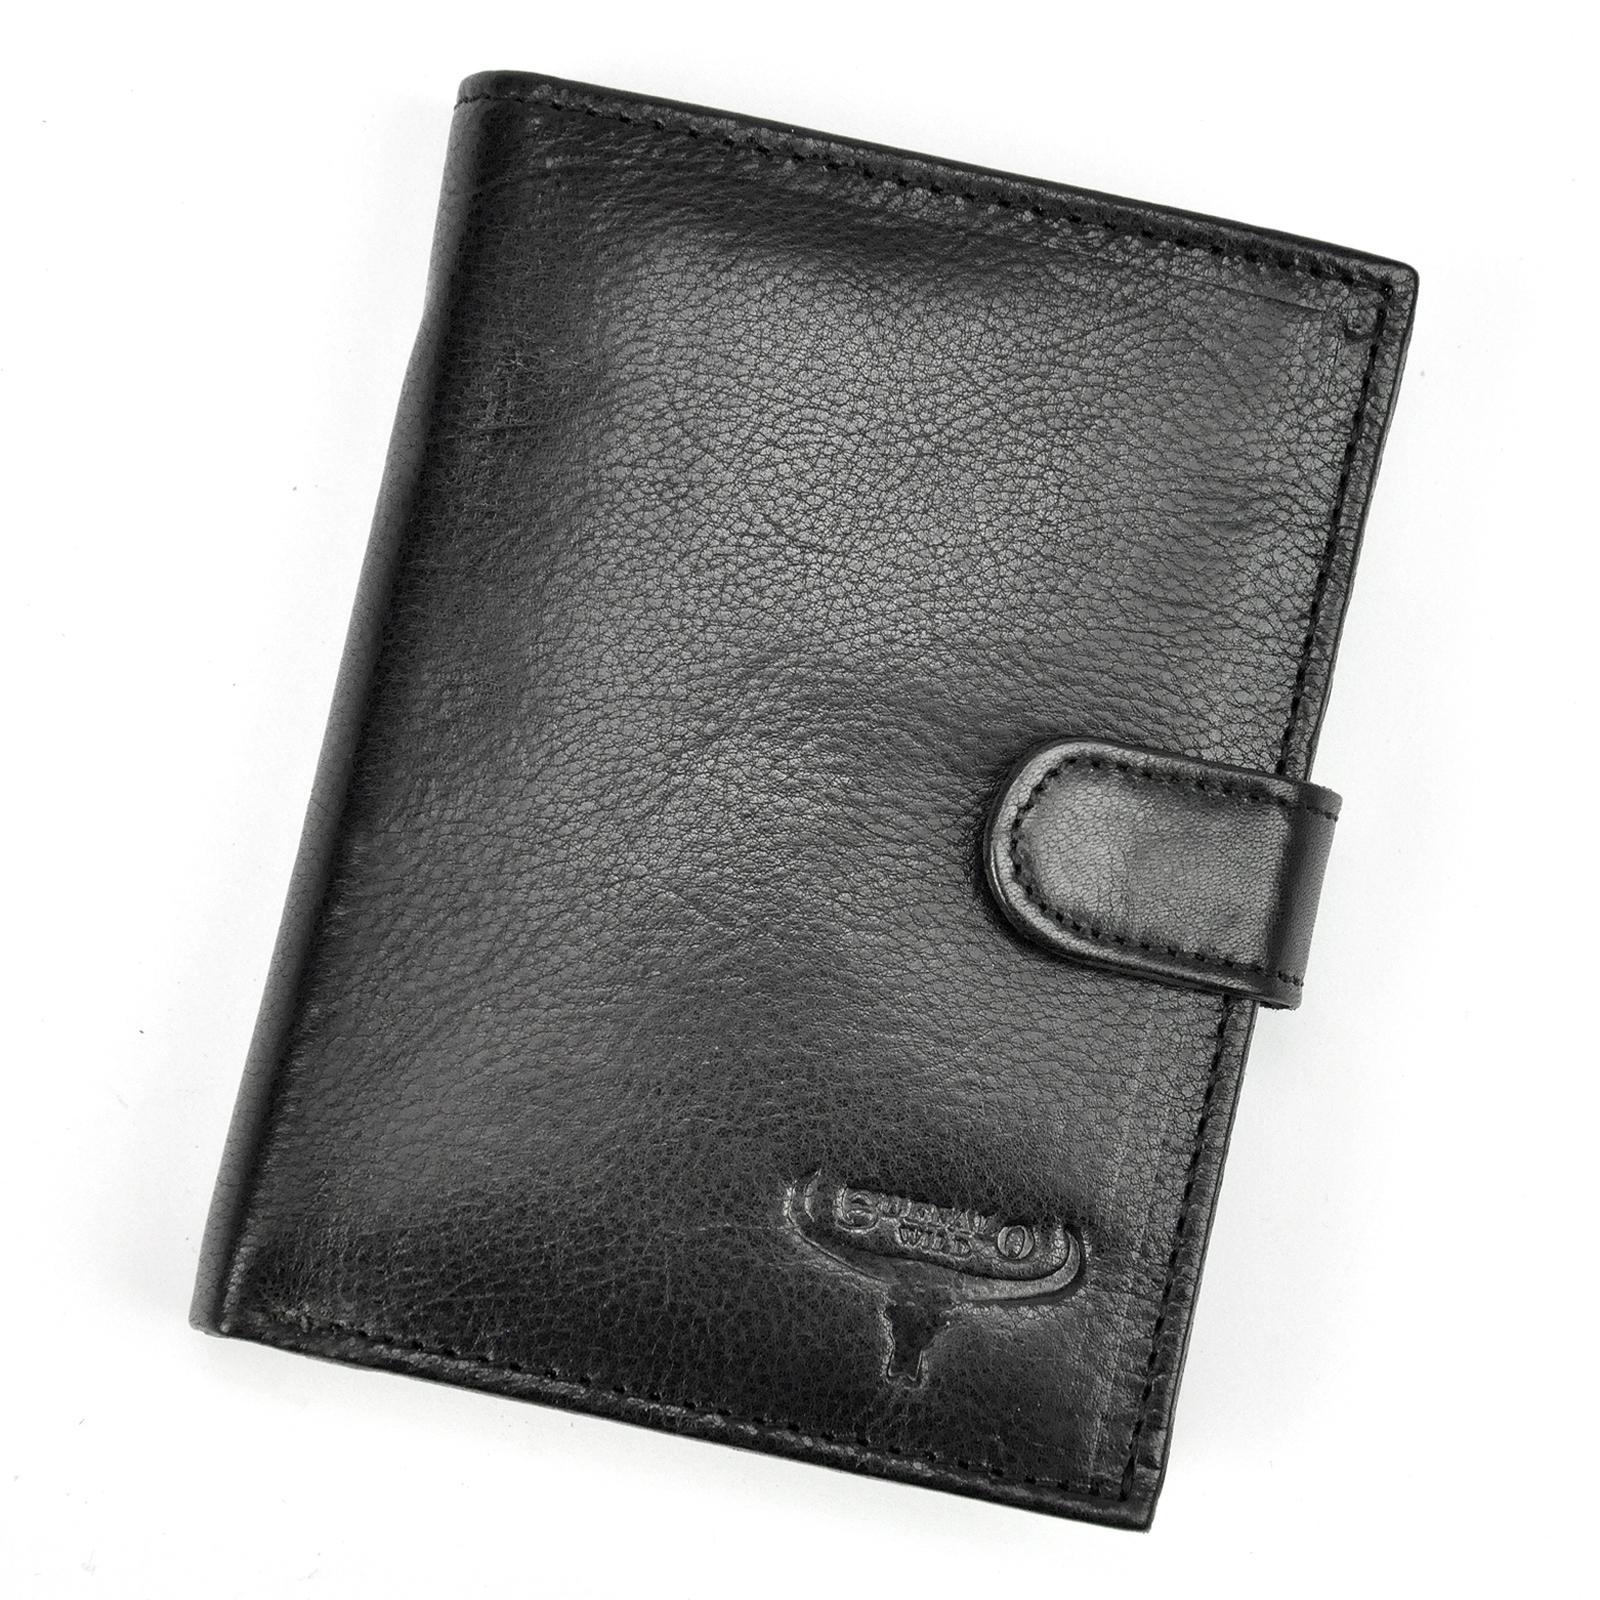 Pánska peňaženka Wild N890L-VTU